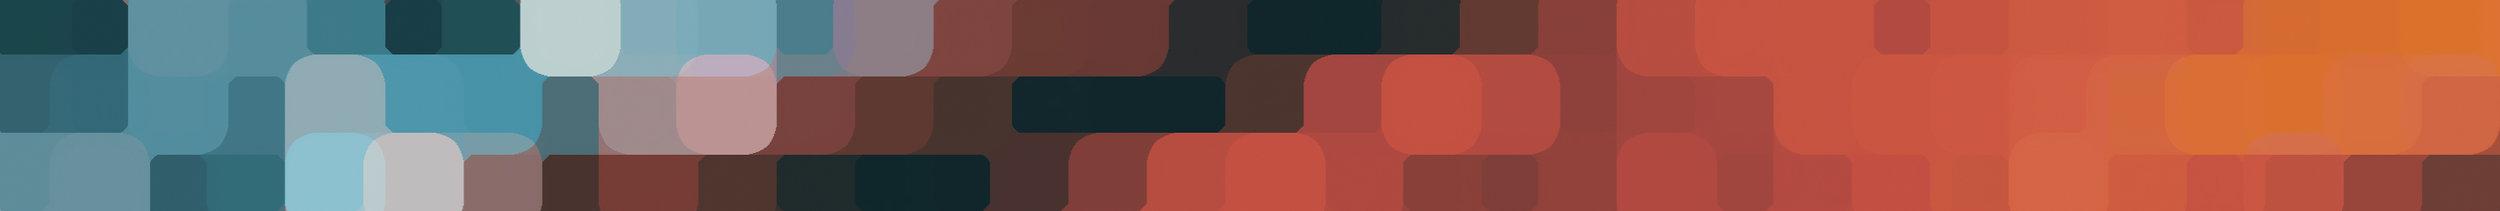 Website Pattern_3lines.jpg